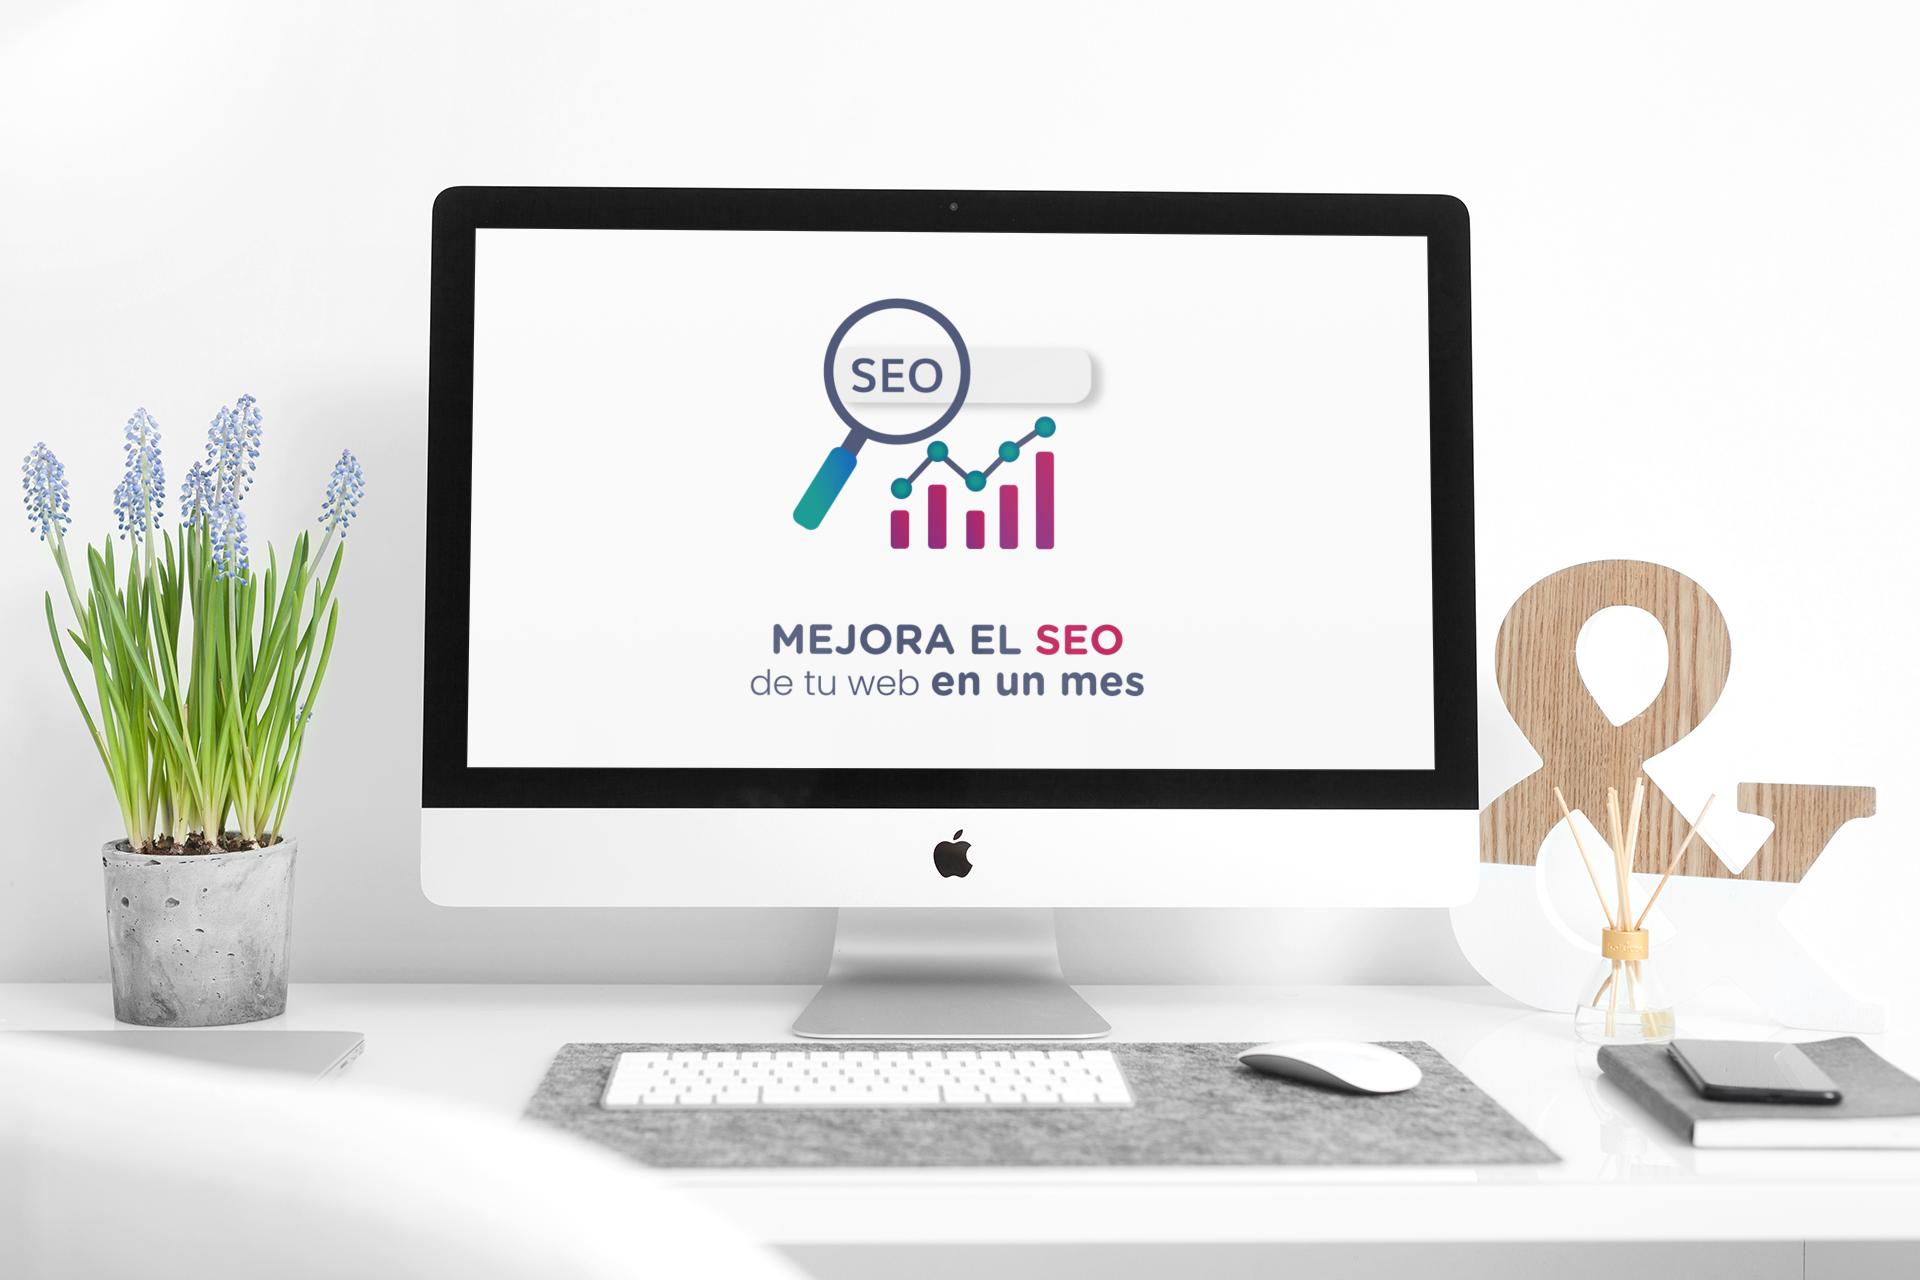 Curso de SEO: Mejora el SEO de tu web en un mes